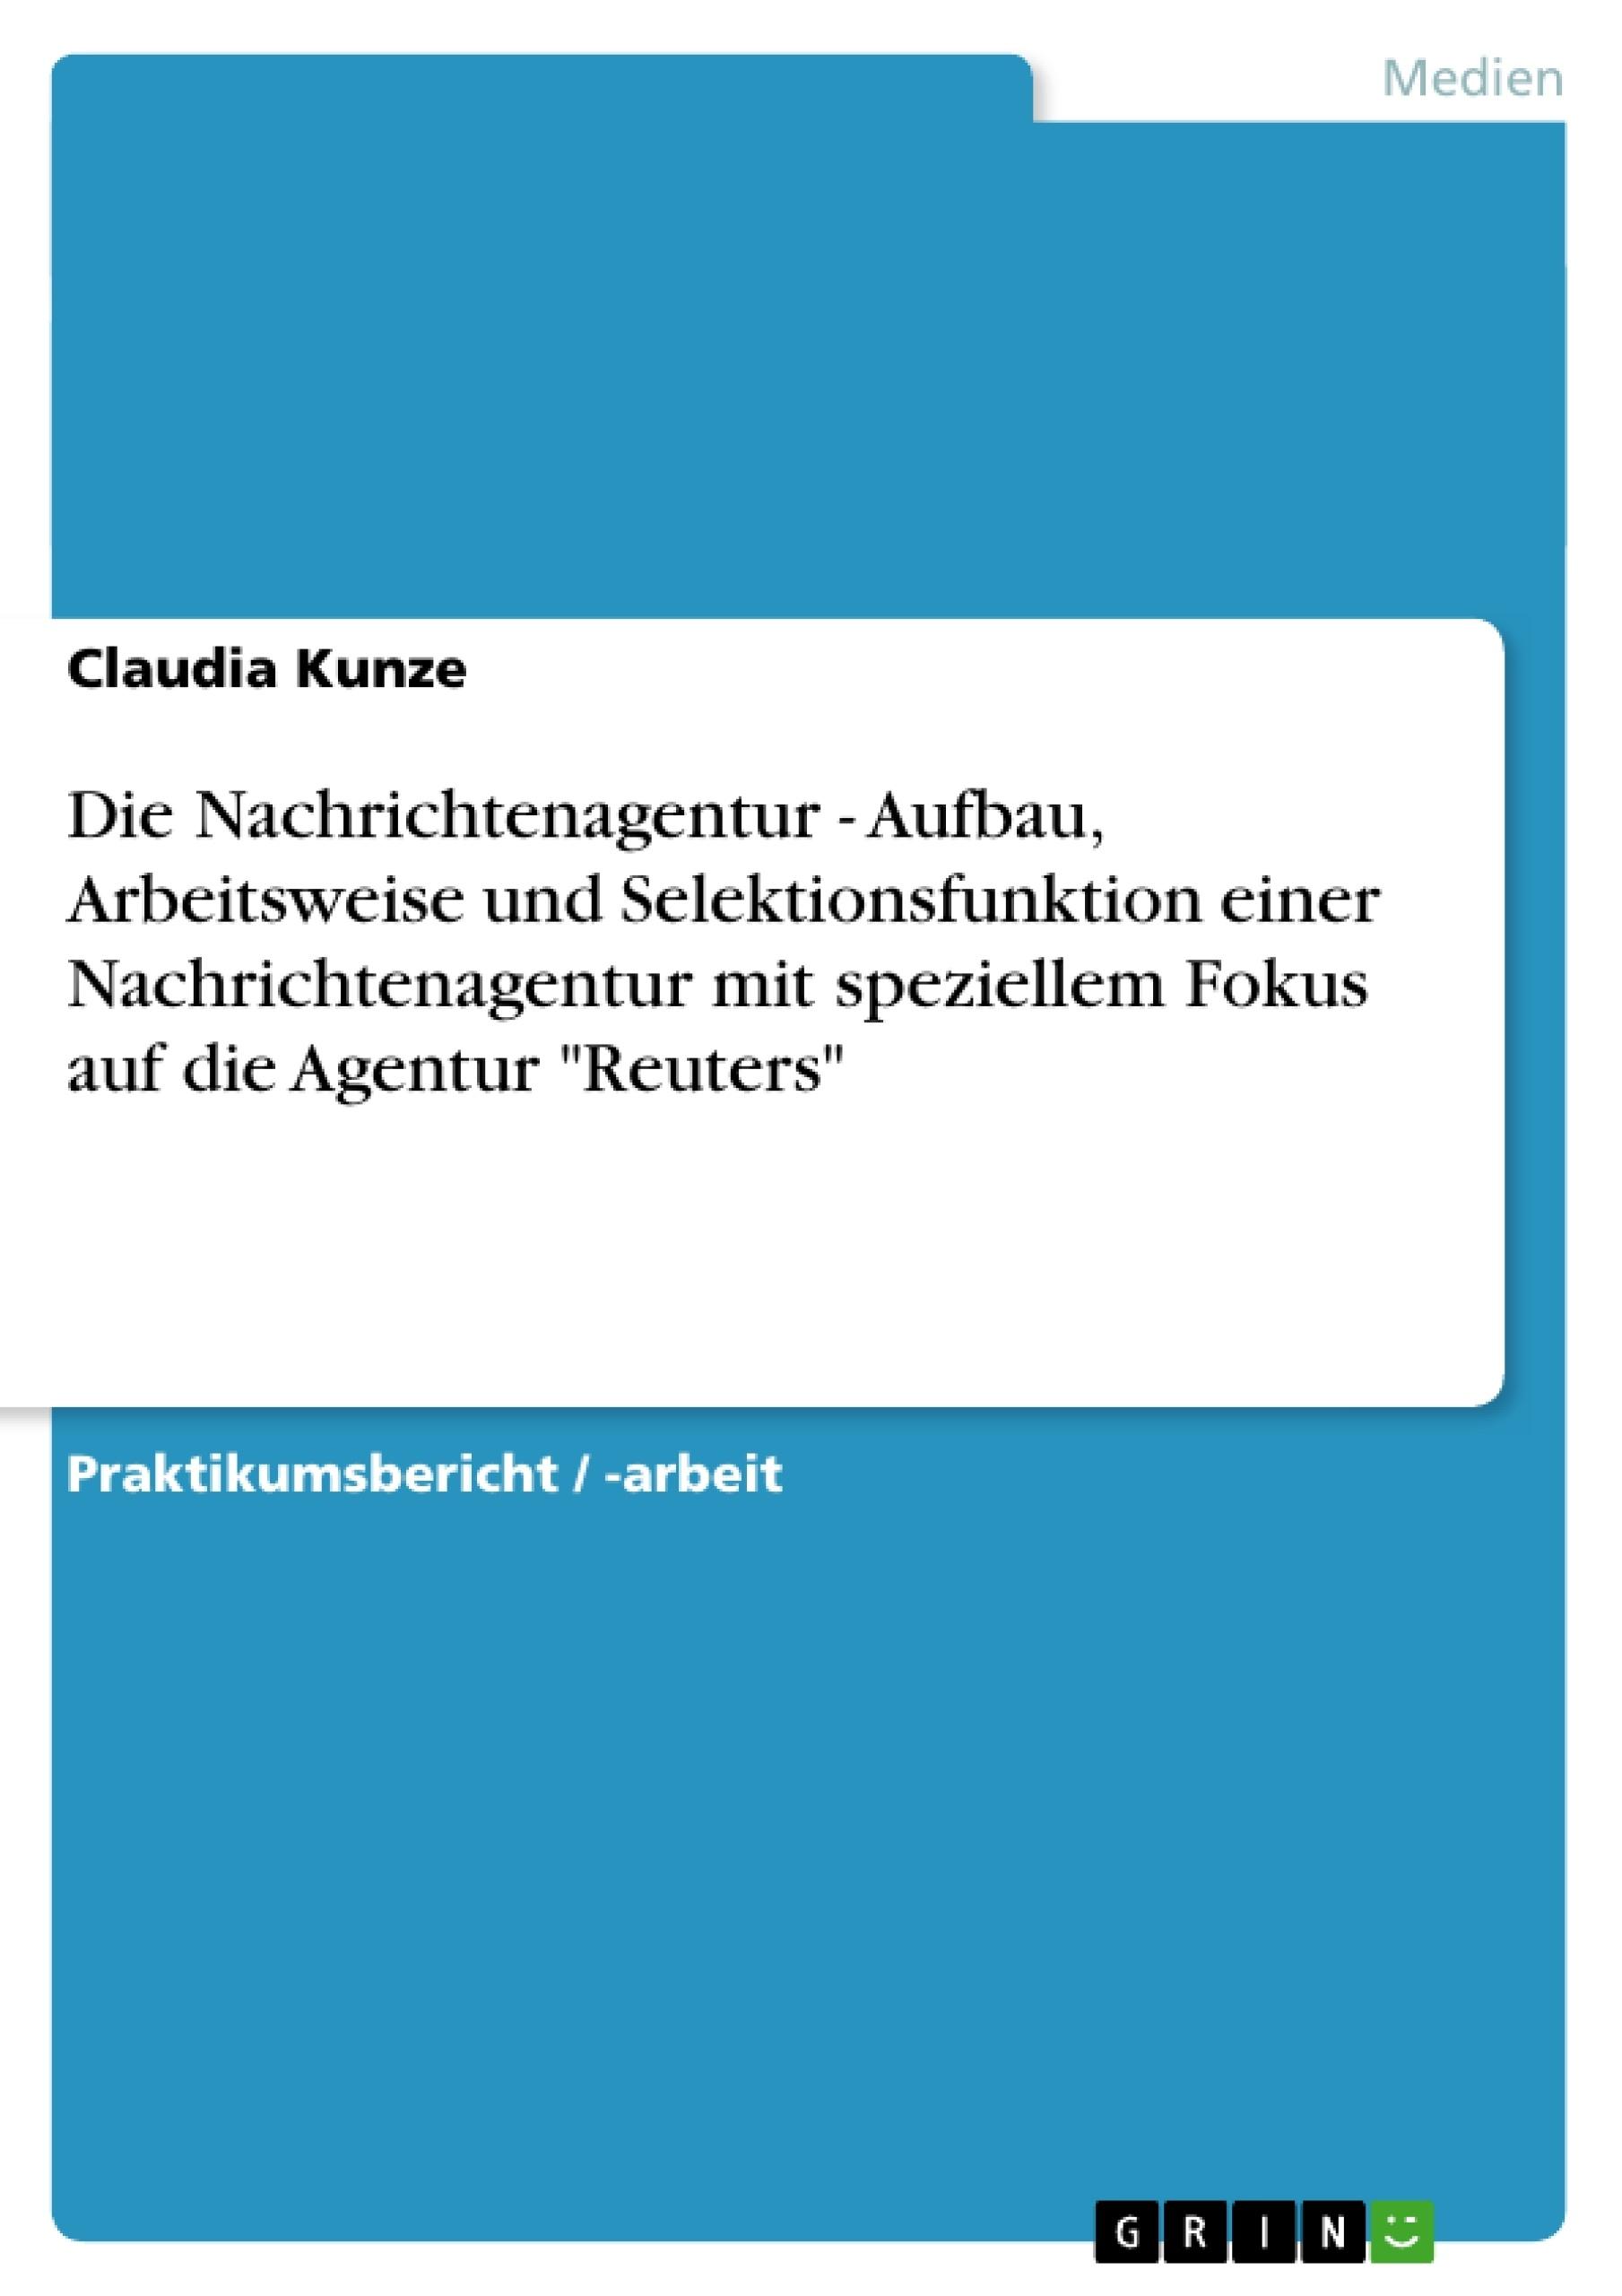 """Titel: Die Nachrichtenagentur - Aufbau, Arbeitsweise und Selektionsfunktion einer Nachrichtenagentur mit speziellem Fokus auf die Agentur """"Reuters"""""""